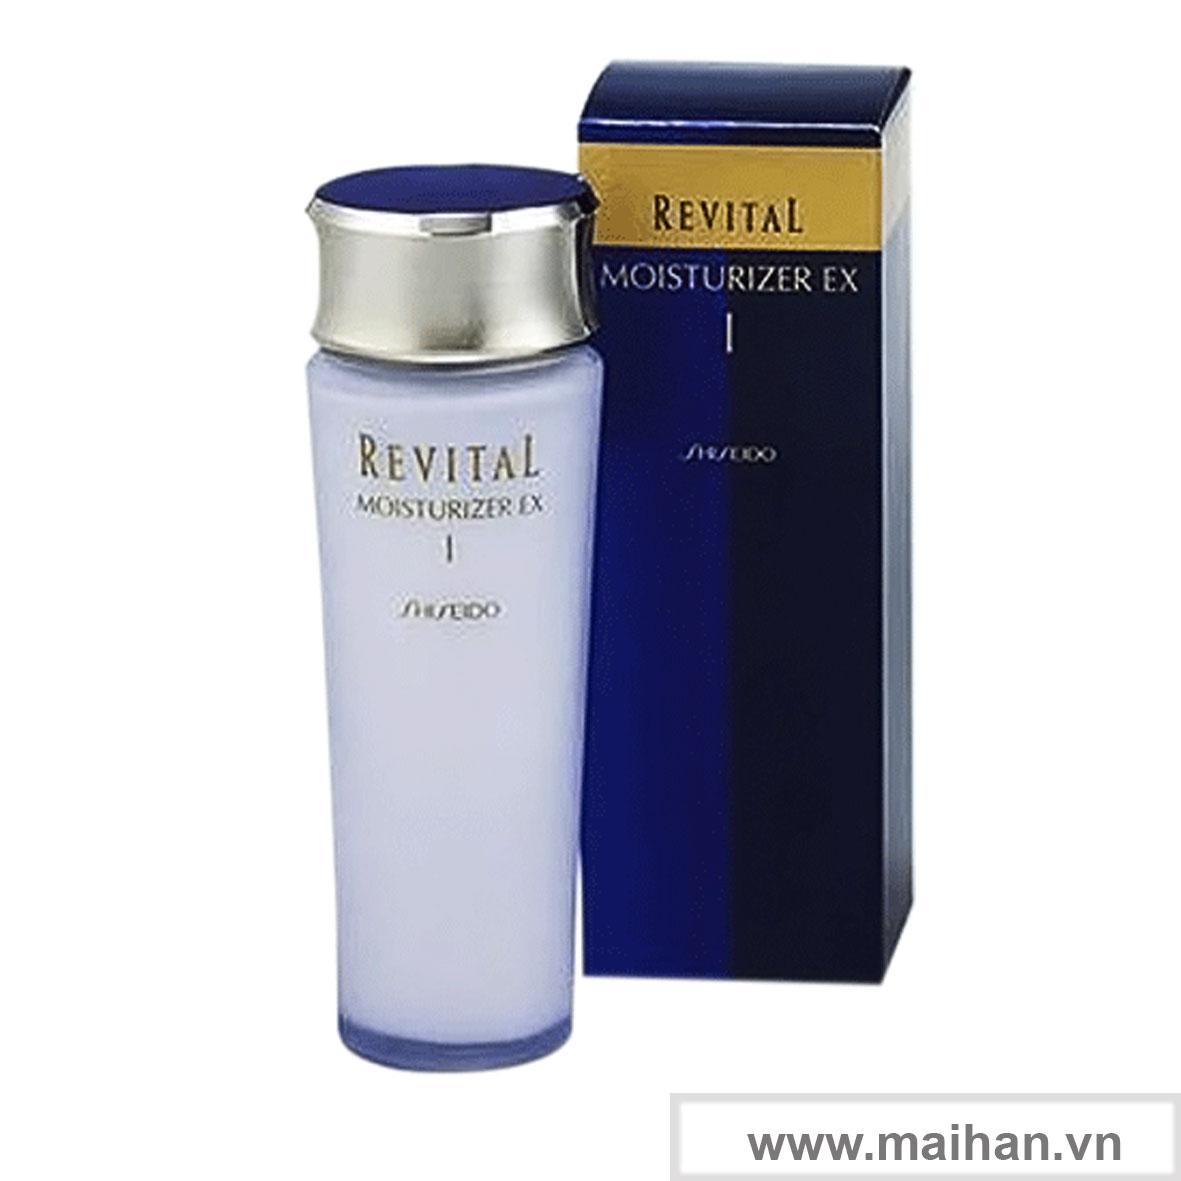 Dưỡng ẩm cho da thường và da dầu Shiseido Revital Moisturizer EX Ⅰ